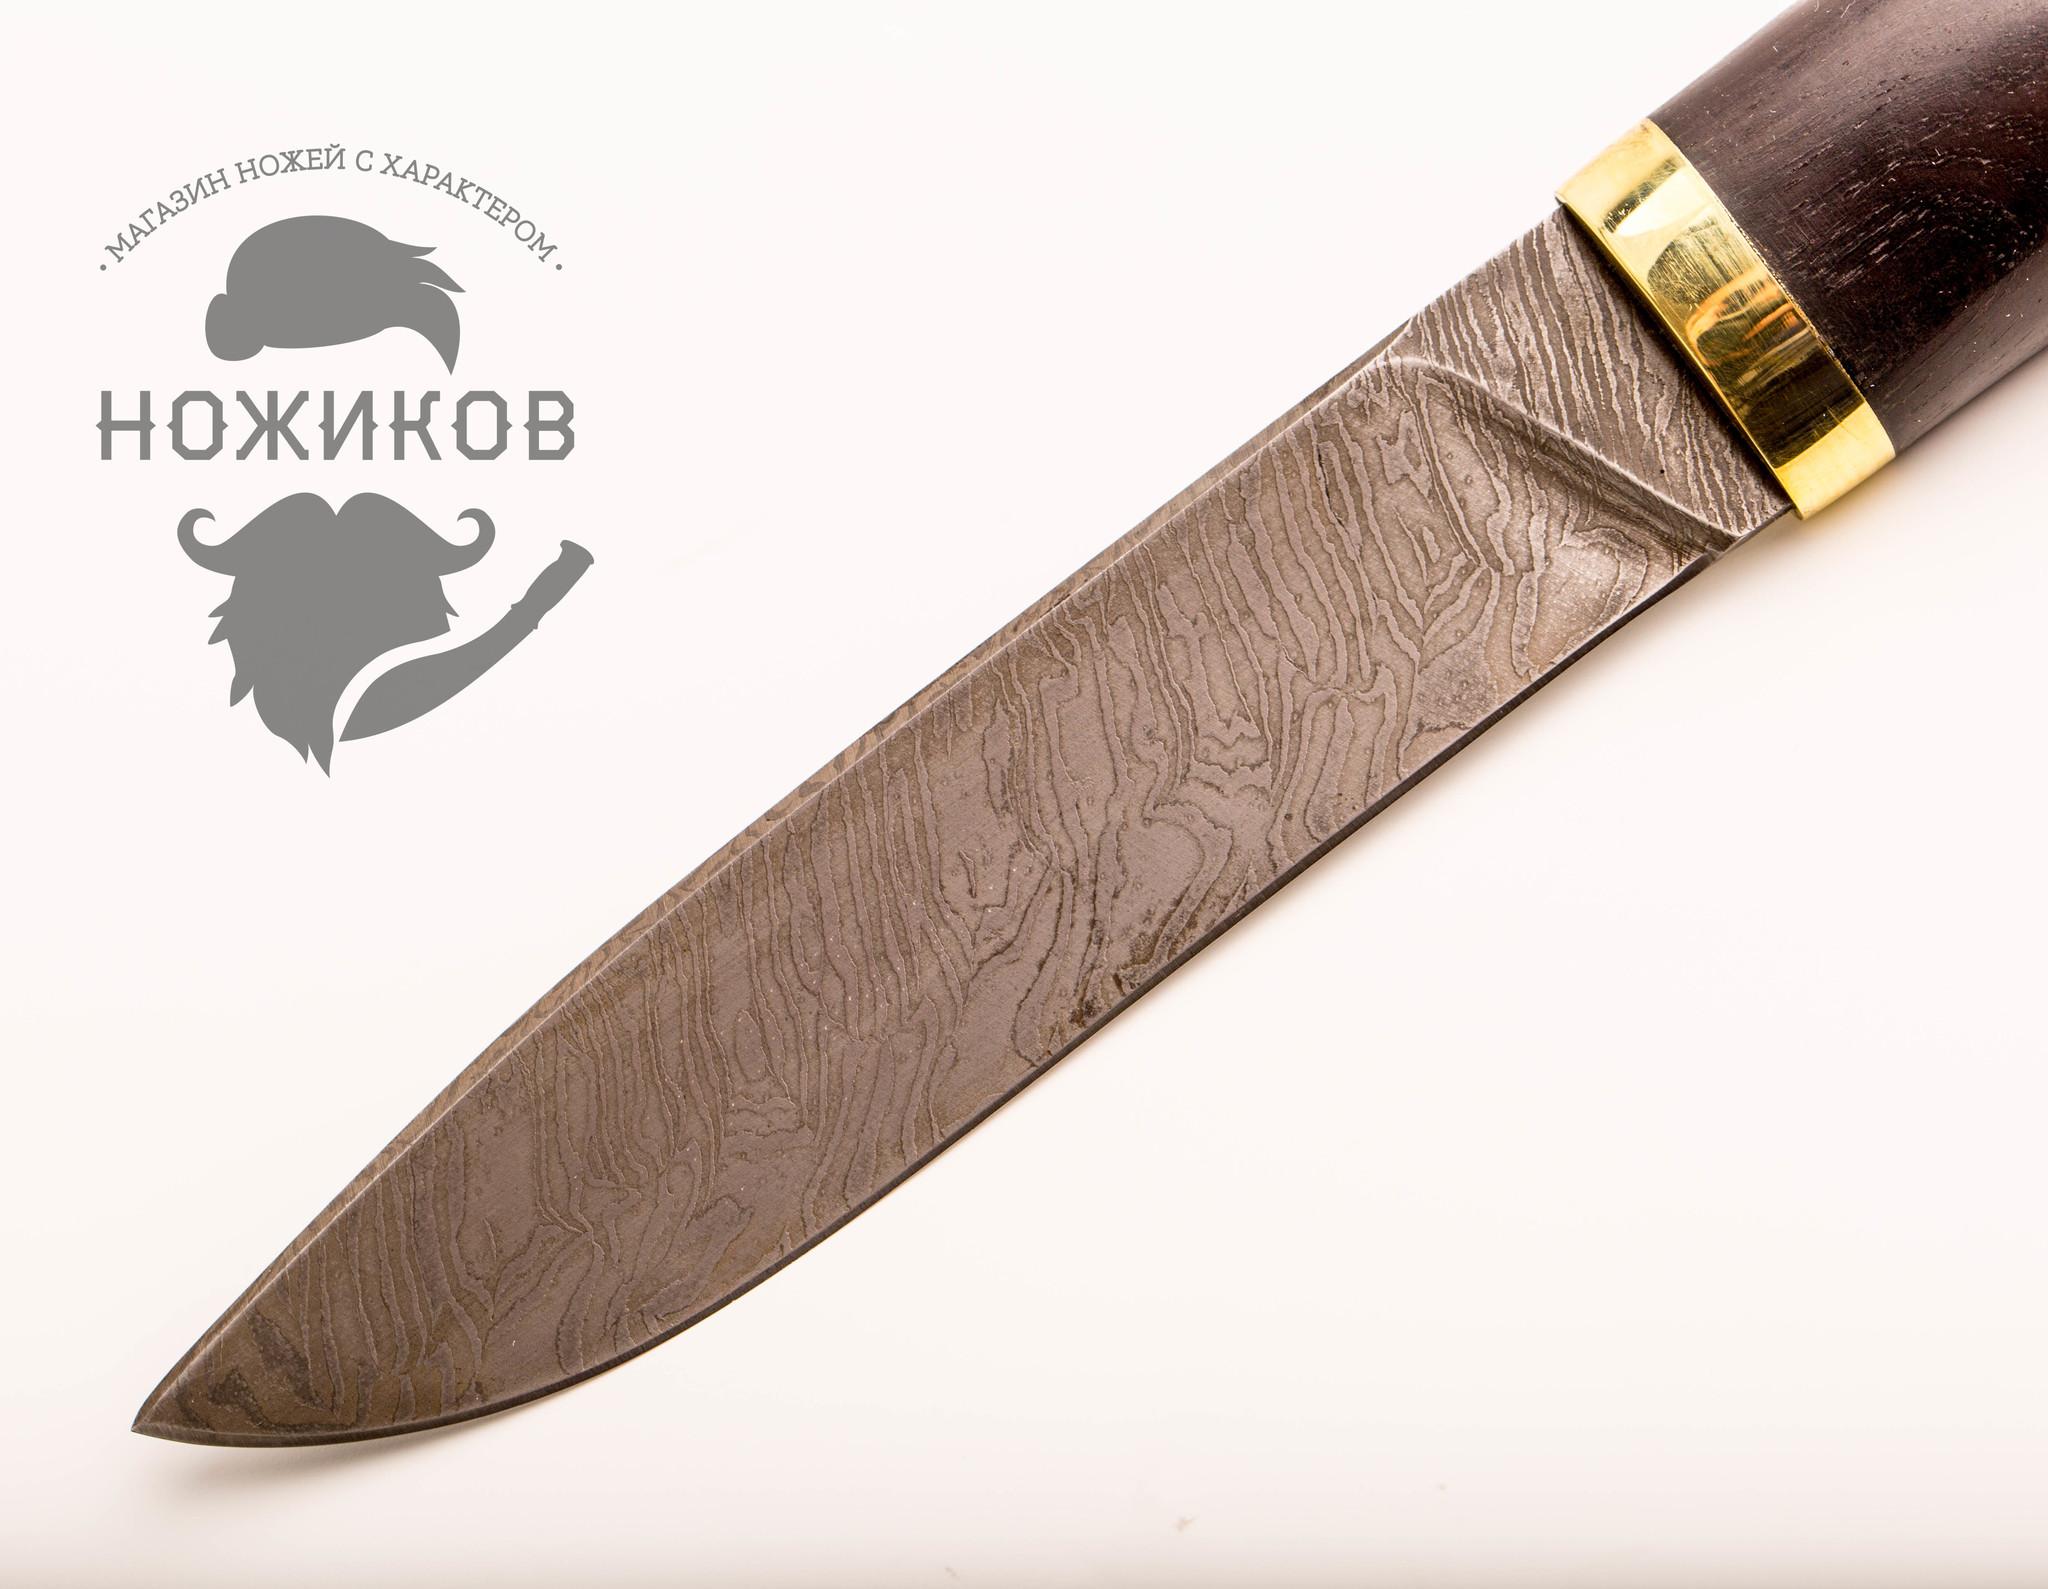 Фото 11 - Нож Тайга, дамасская сталь от Промтехснаб